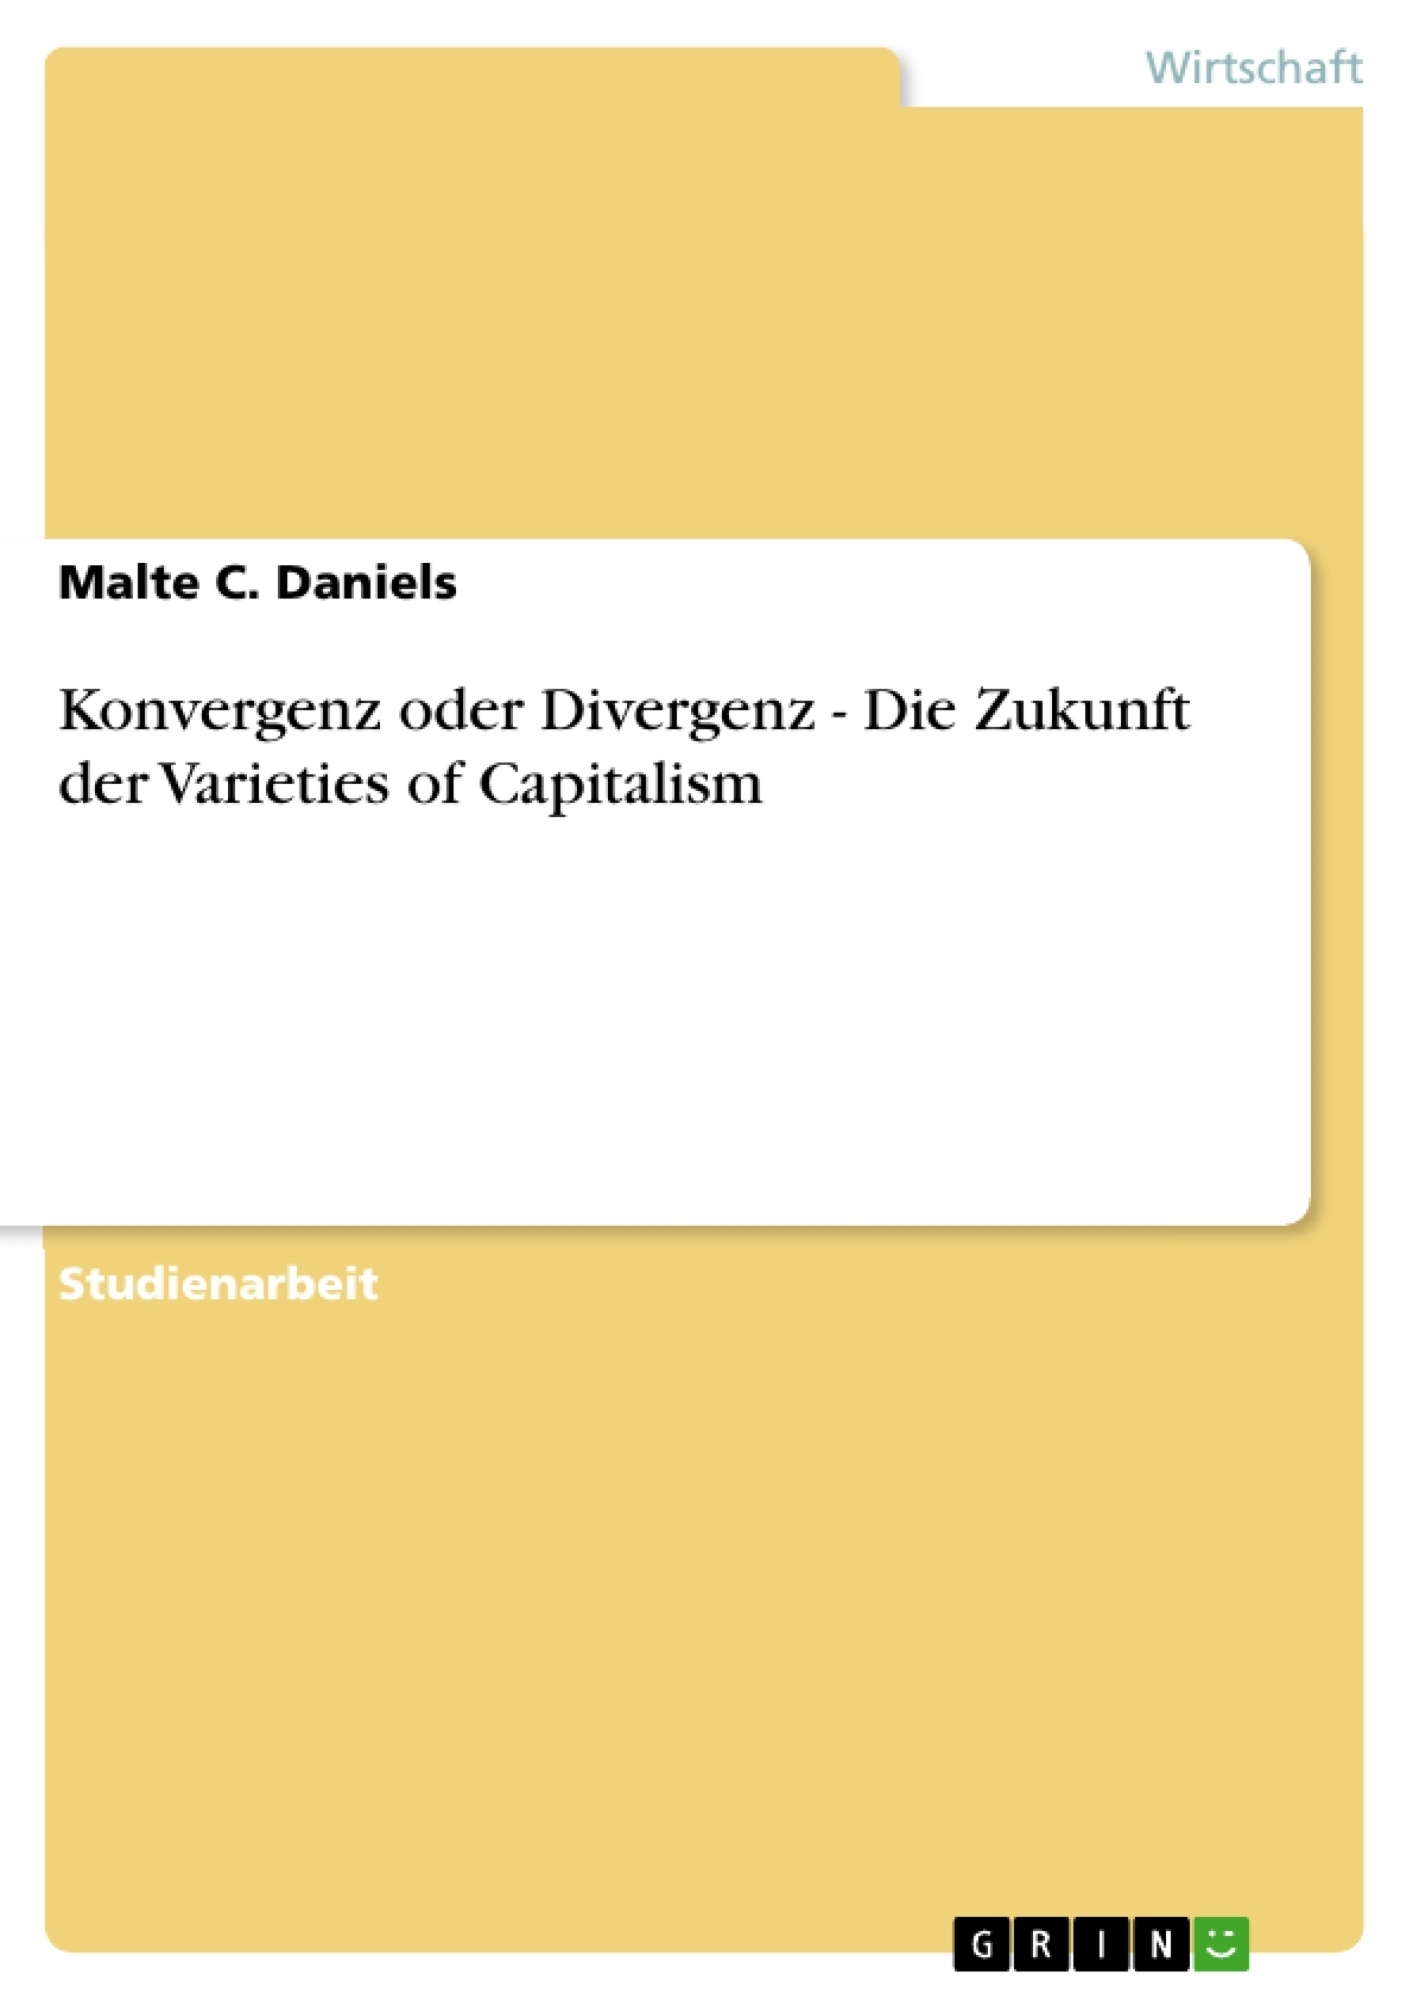 Titel: Konvergenz oder Divergenz - Die Zukunft der Varieties of Capitalism